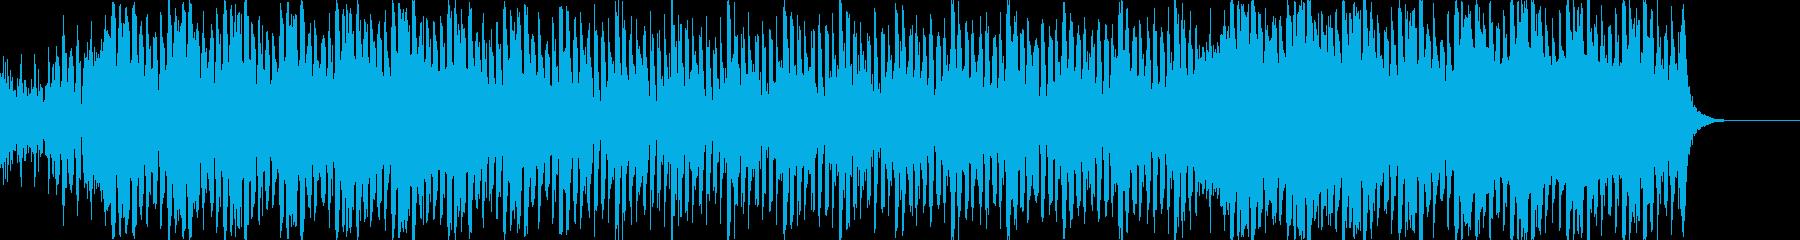 脱出、焦る気持ち、緊張感を高めるBGMの再生済みの波形